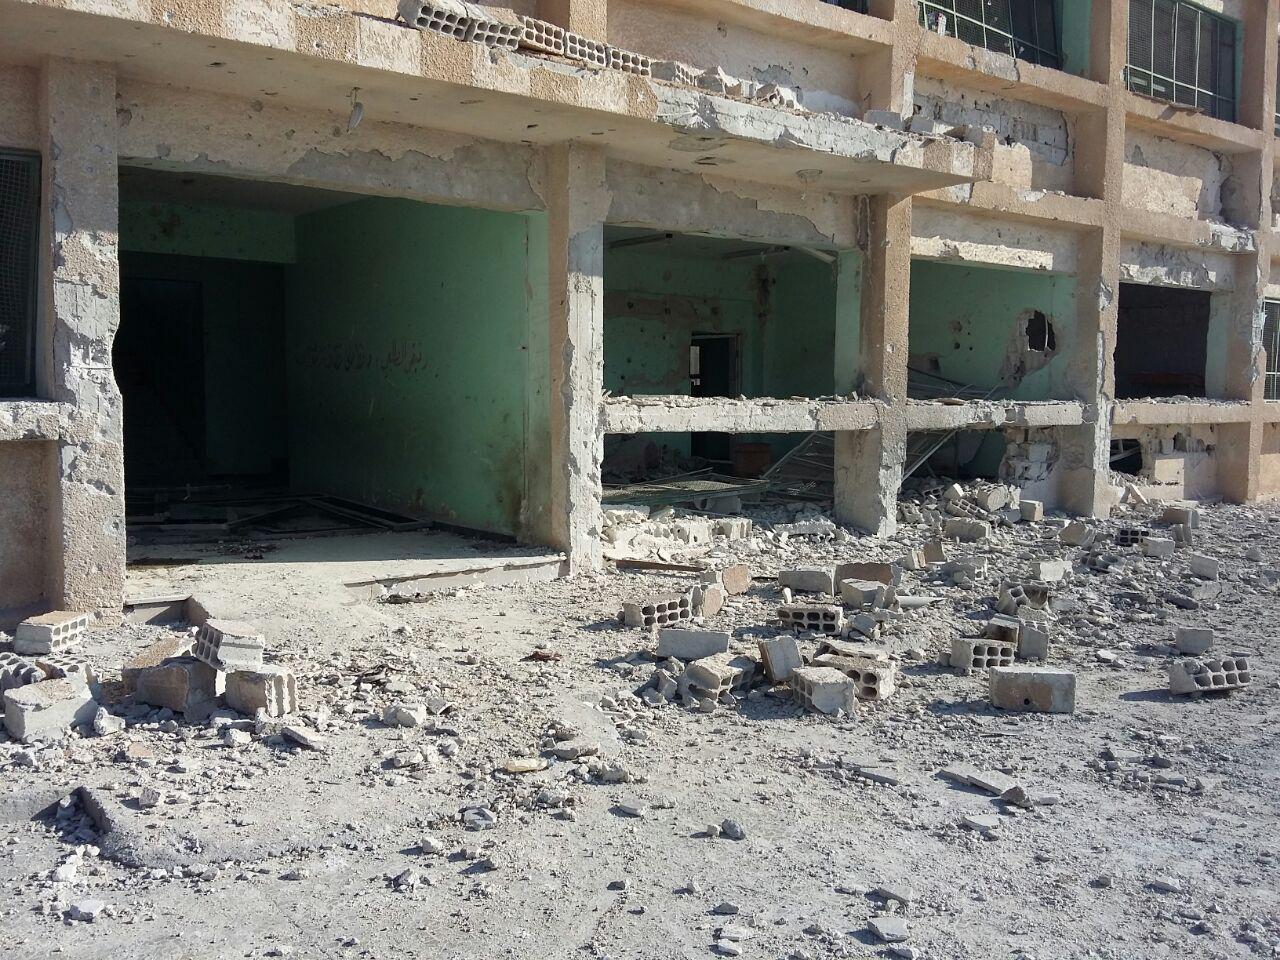 الأضرار التي لحقت بمدرسة الشهيد كيوان بسبب الغارة الجوية السورية-الروسية في 14 يونيو/حزيران 2017، والتي تسببت في مقتل 8 مدنيين، بينهم طفل.